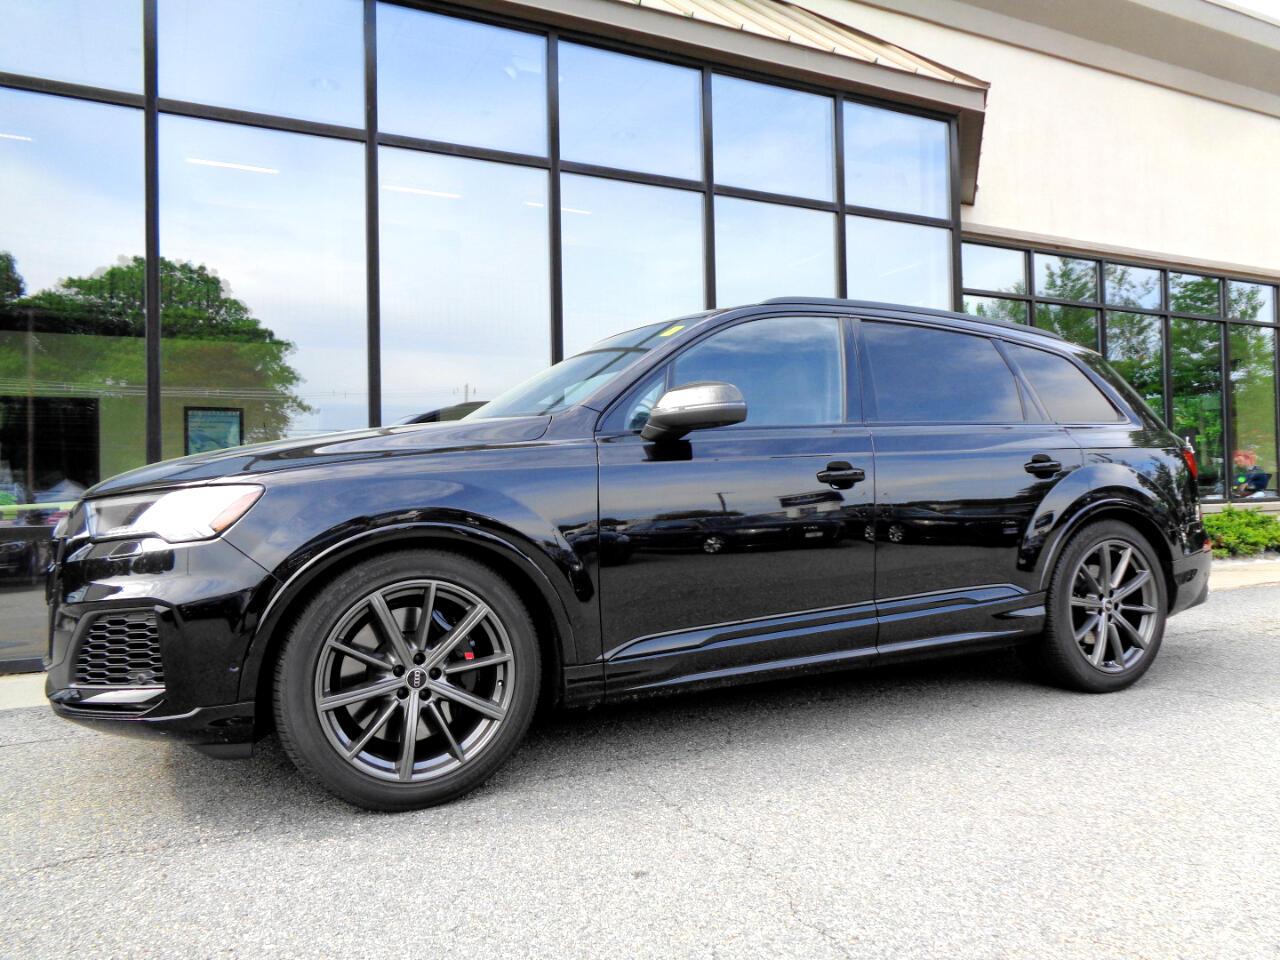 Audi SQ7 Prestige 4.0 TFSI quattro 2021